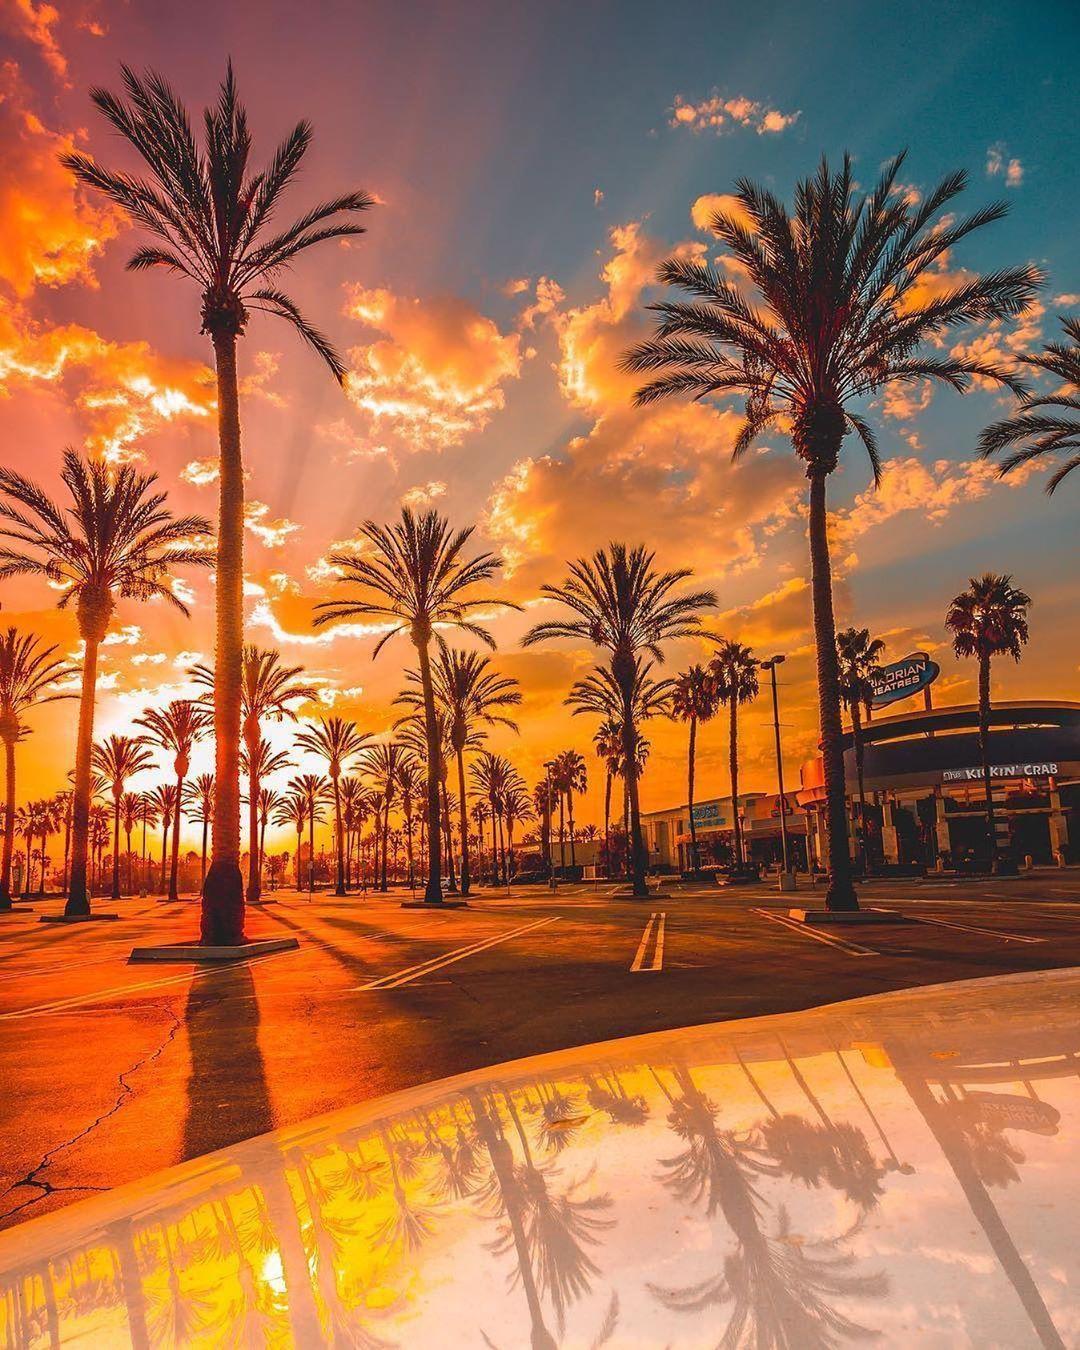 Coucher De Soleil Los Angeles : coucher, soleil, angeles, Coucher, Soleil, Soleil,, Lever, Images, Paysages